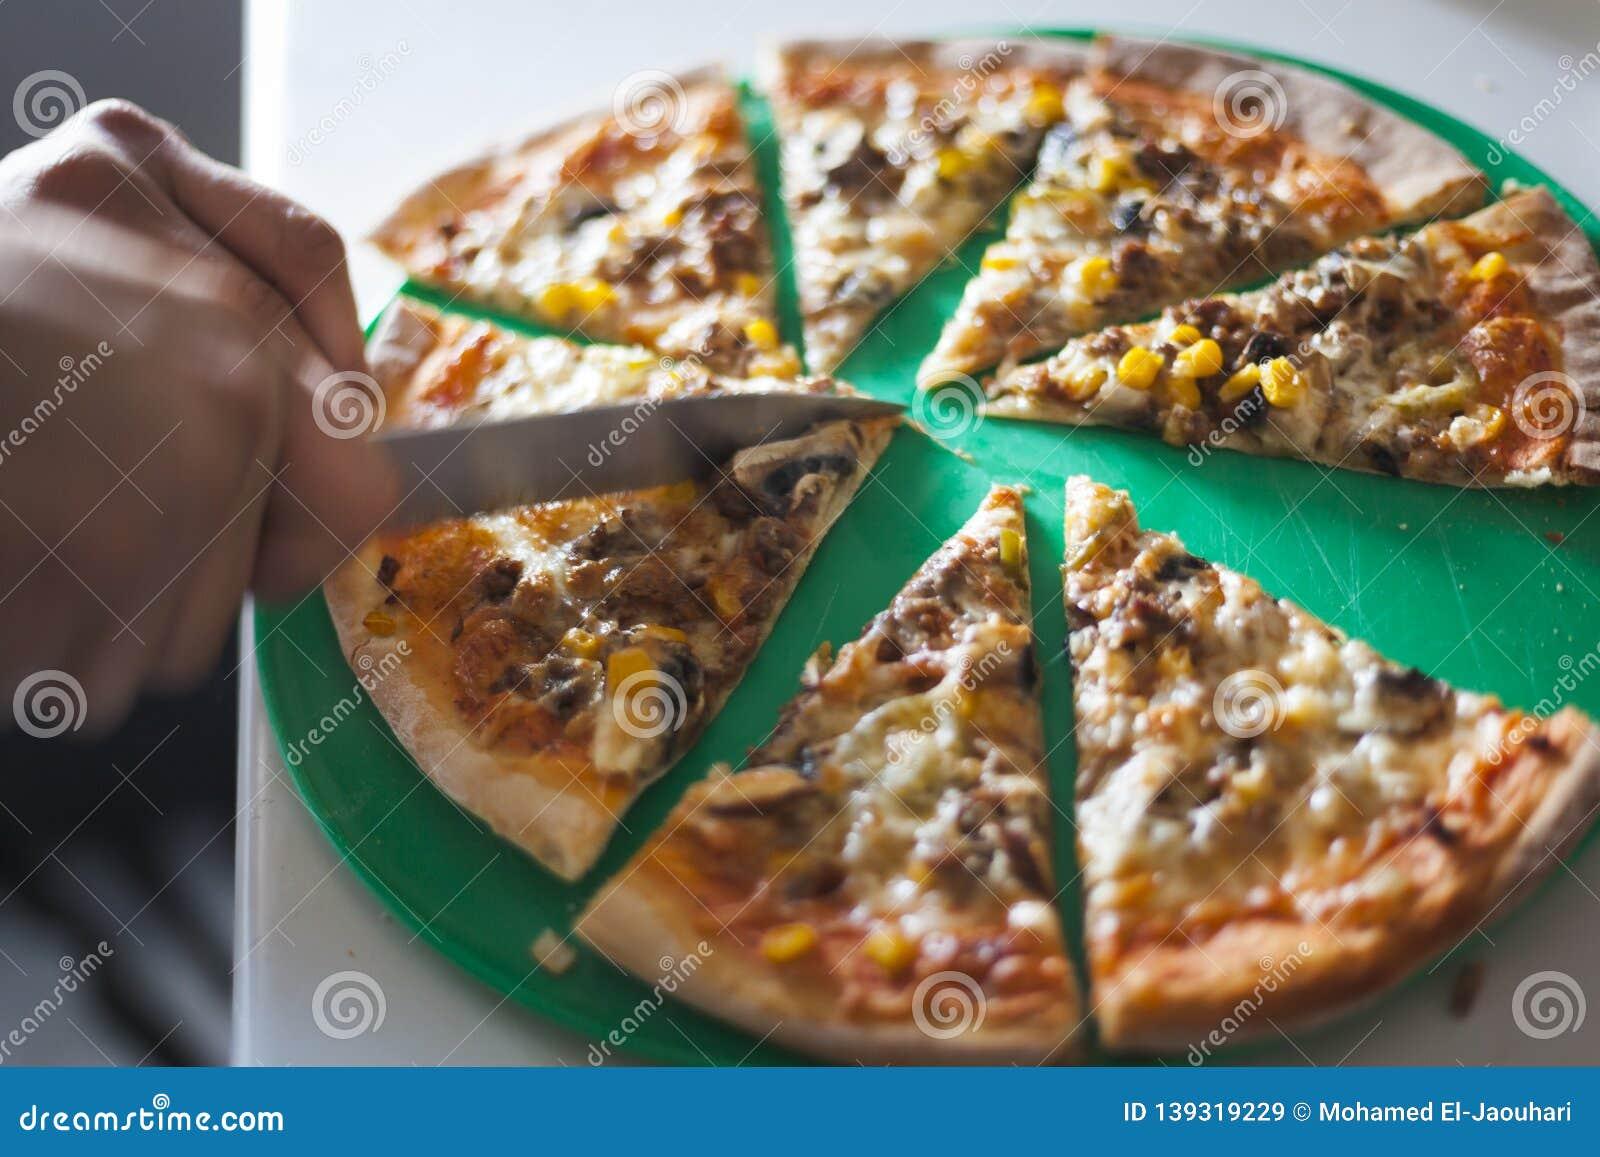 La pizza a fait cuire à la maison le concept